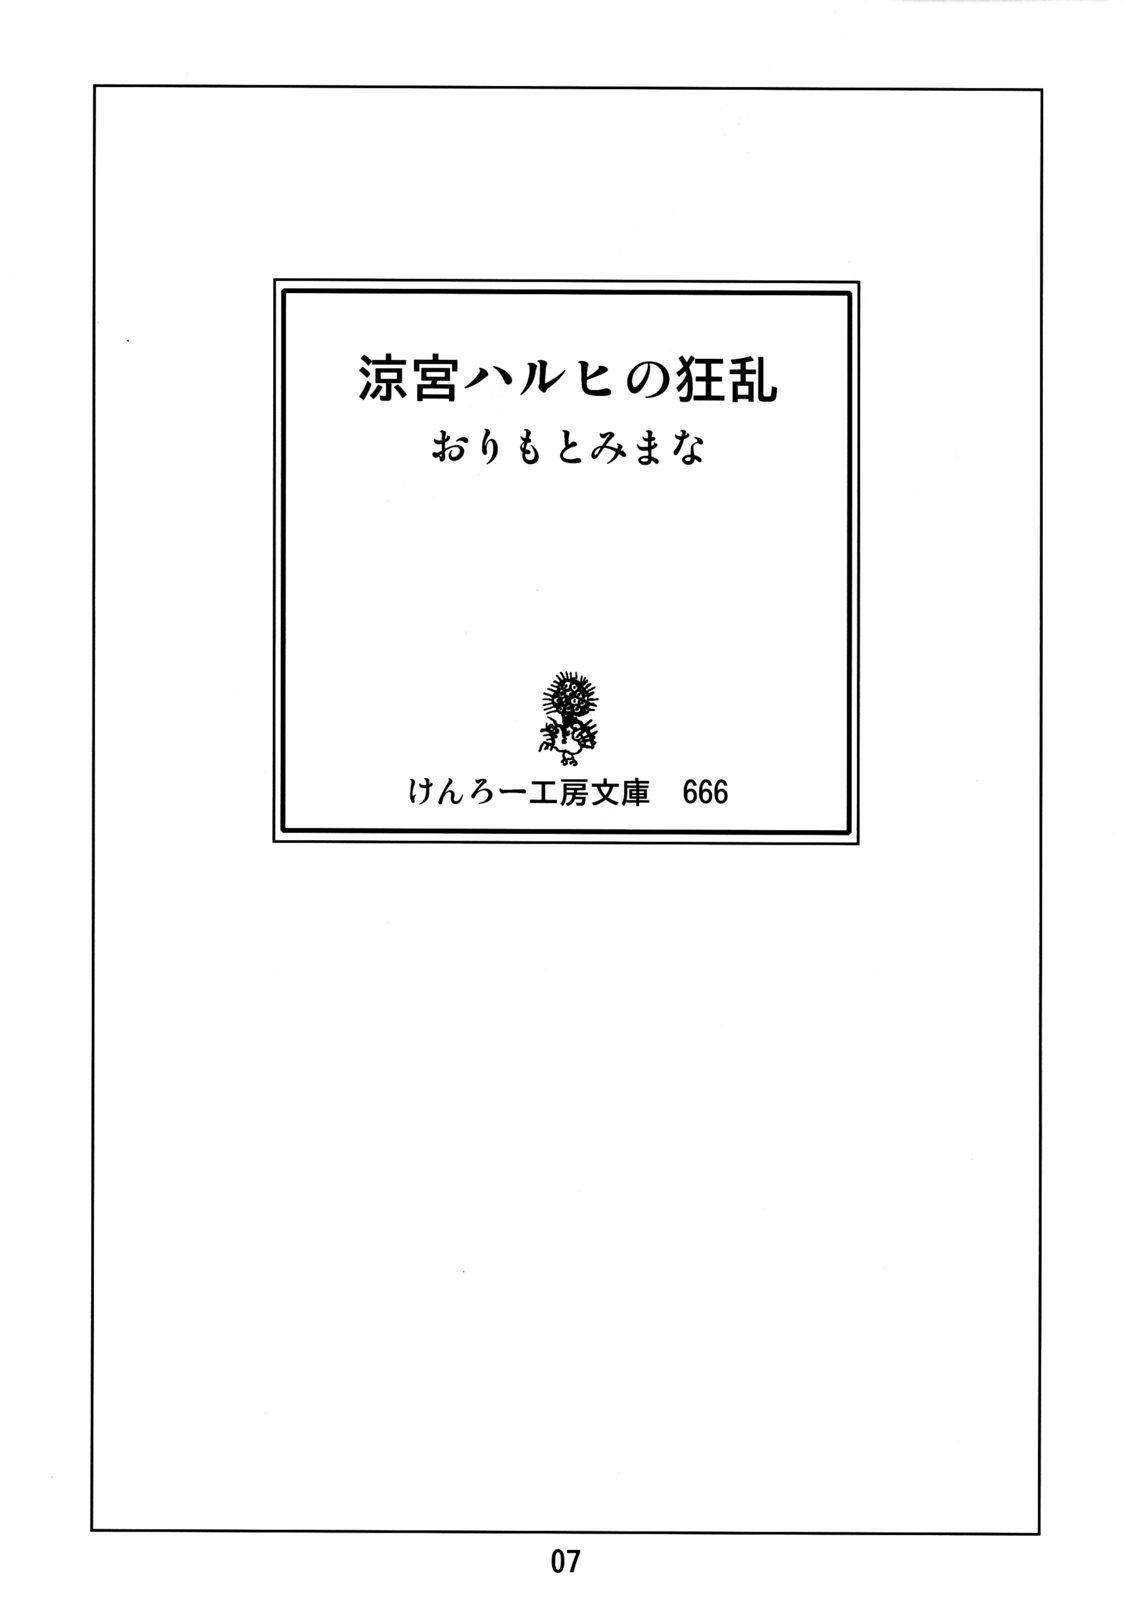 Suzumiya Haruhi no Kyouran 5